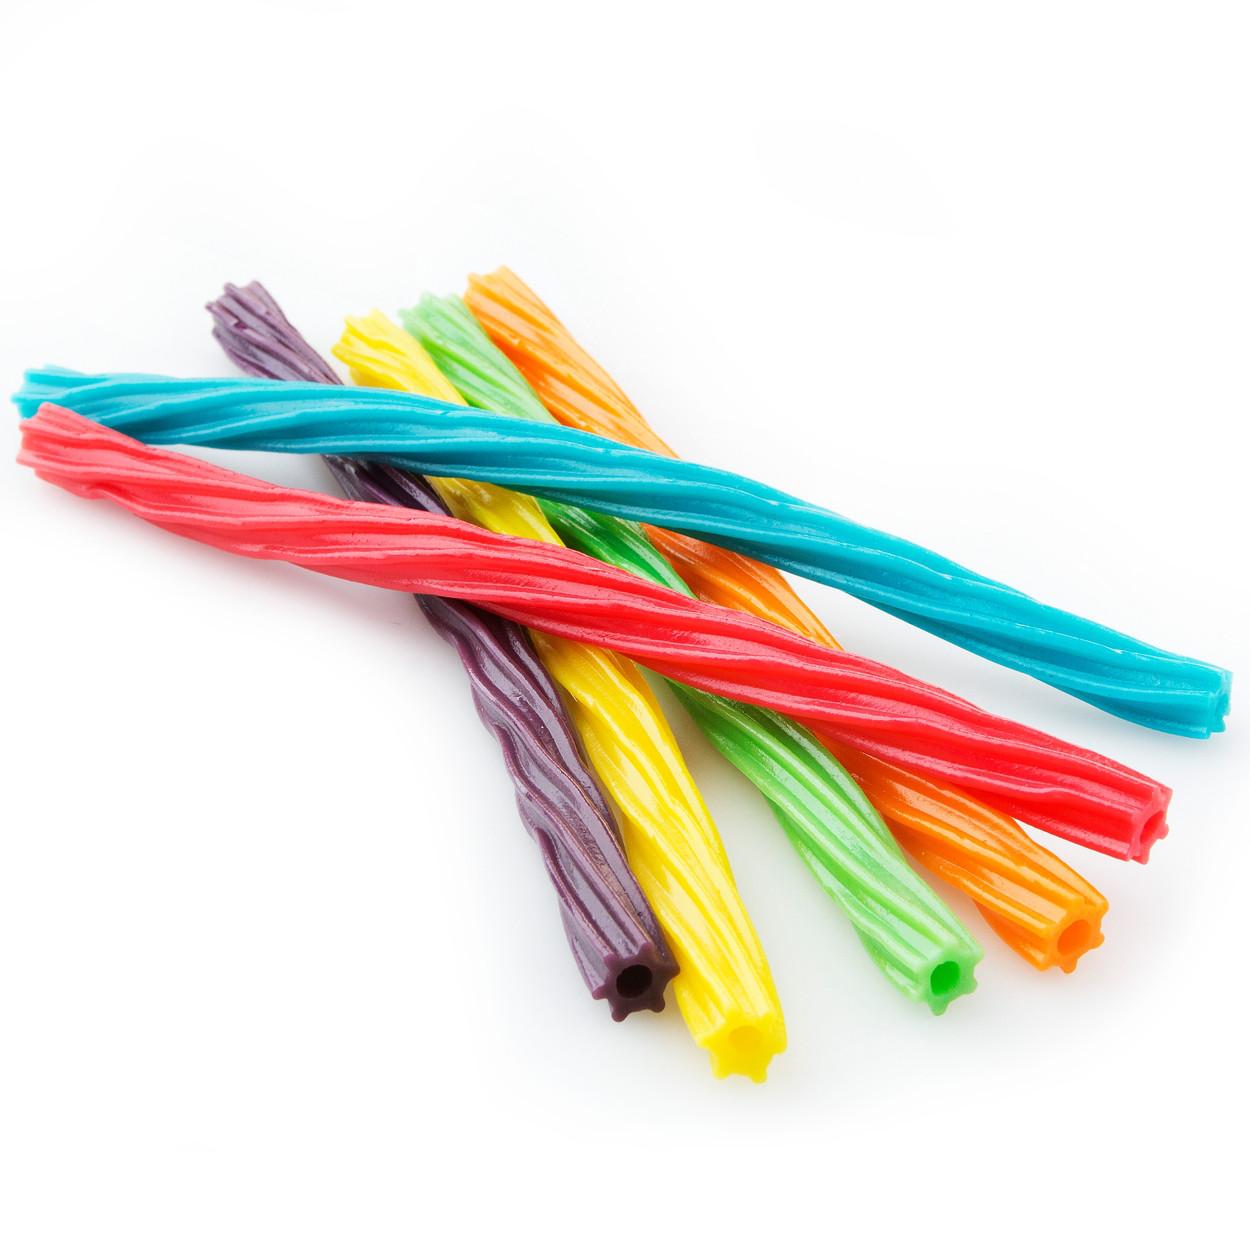 Twizzlers candy straws 1 Twists